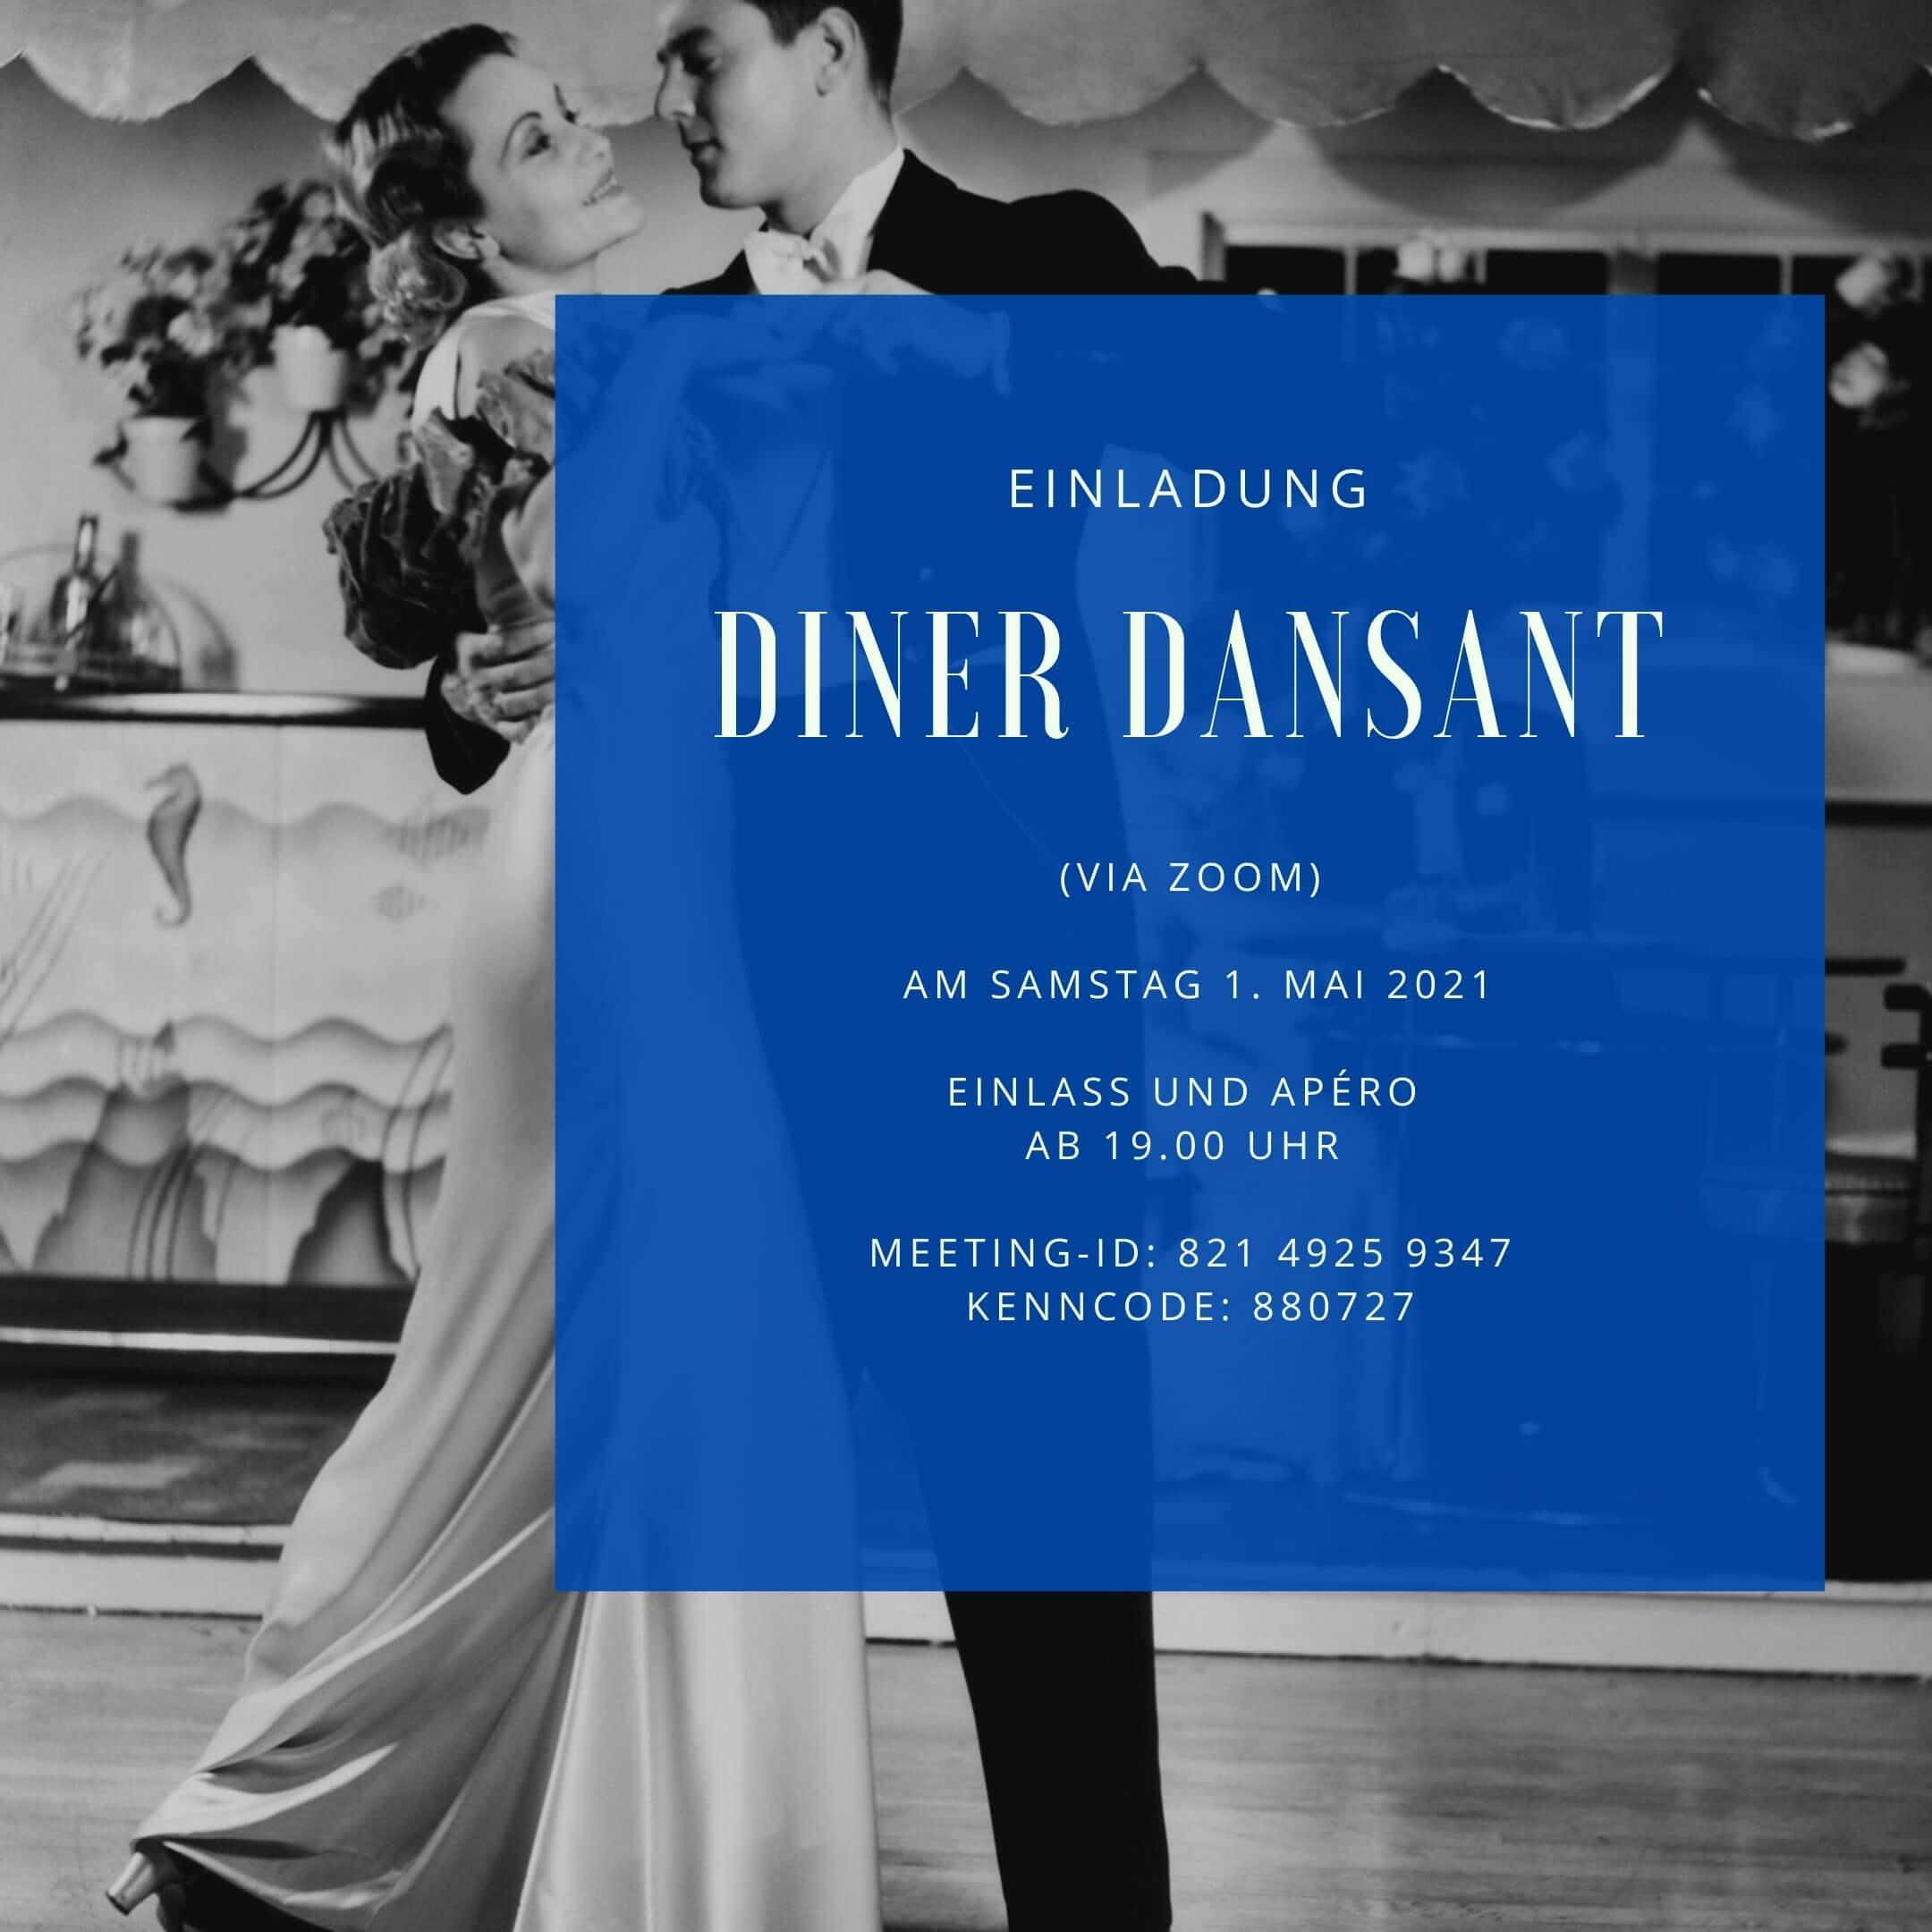 Diner Dansant 01. Mai 2021